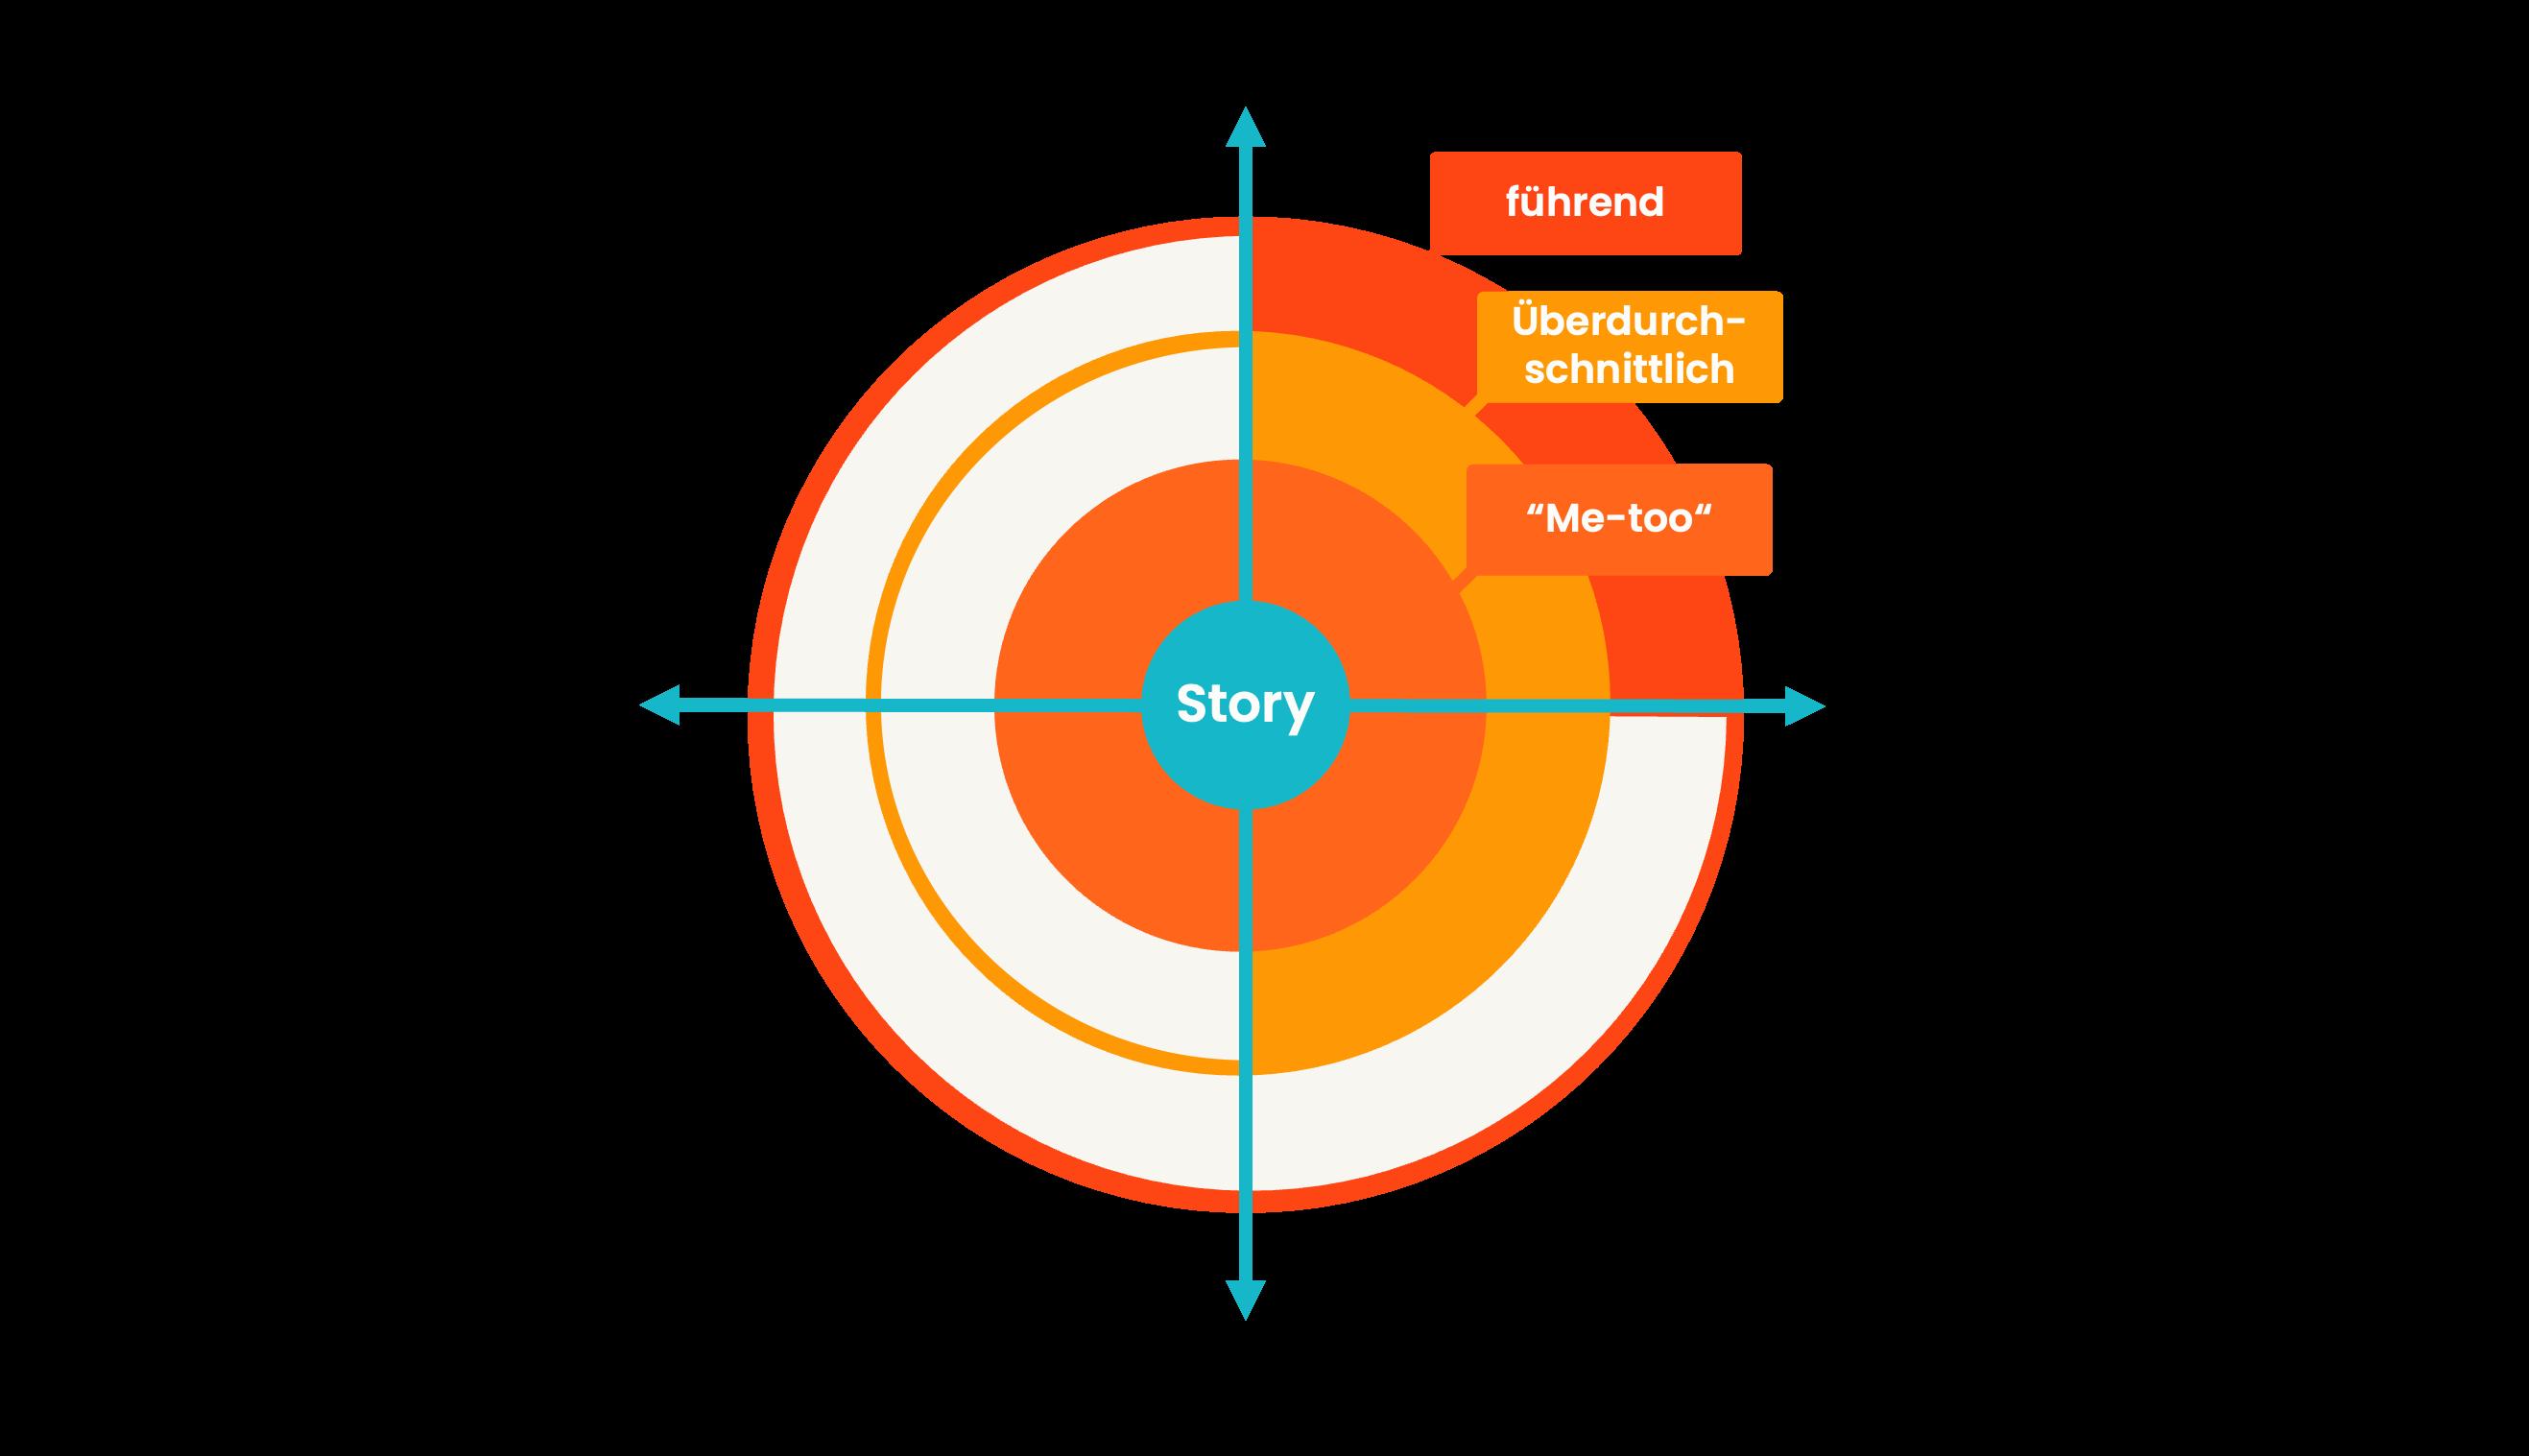 Klassifizierung vom Content einer Website